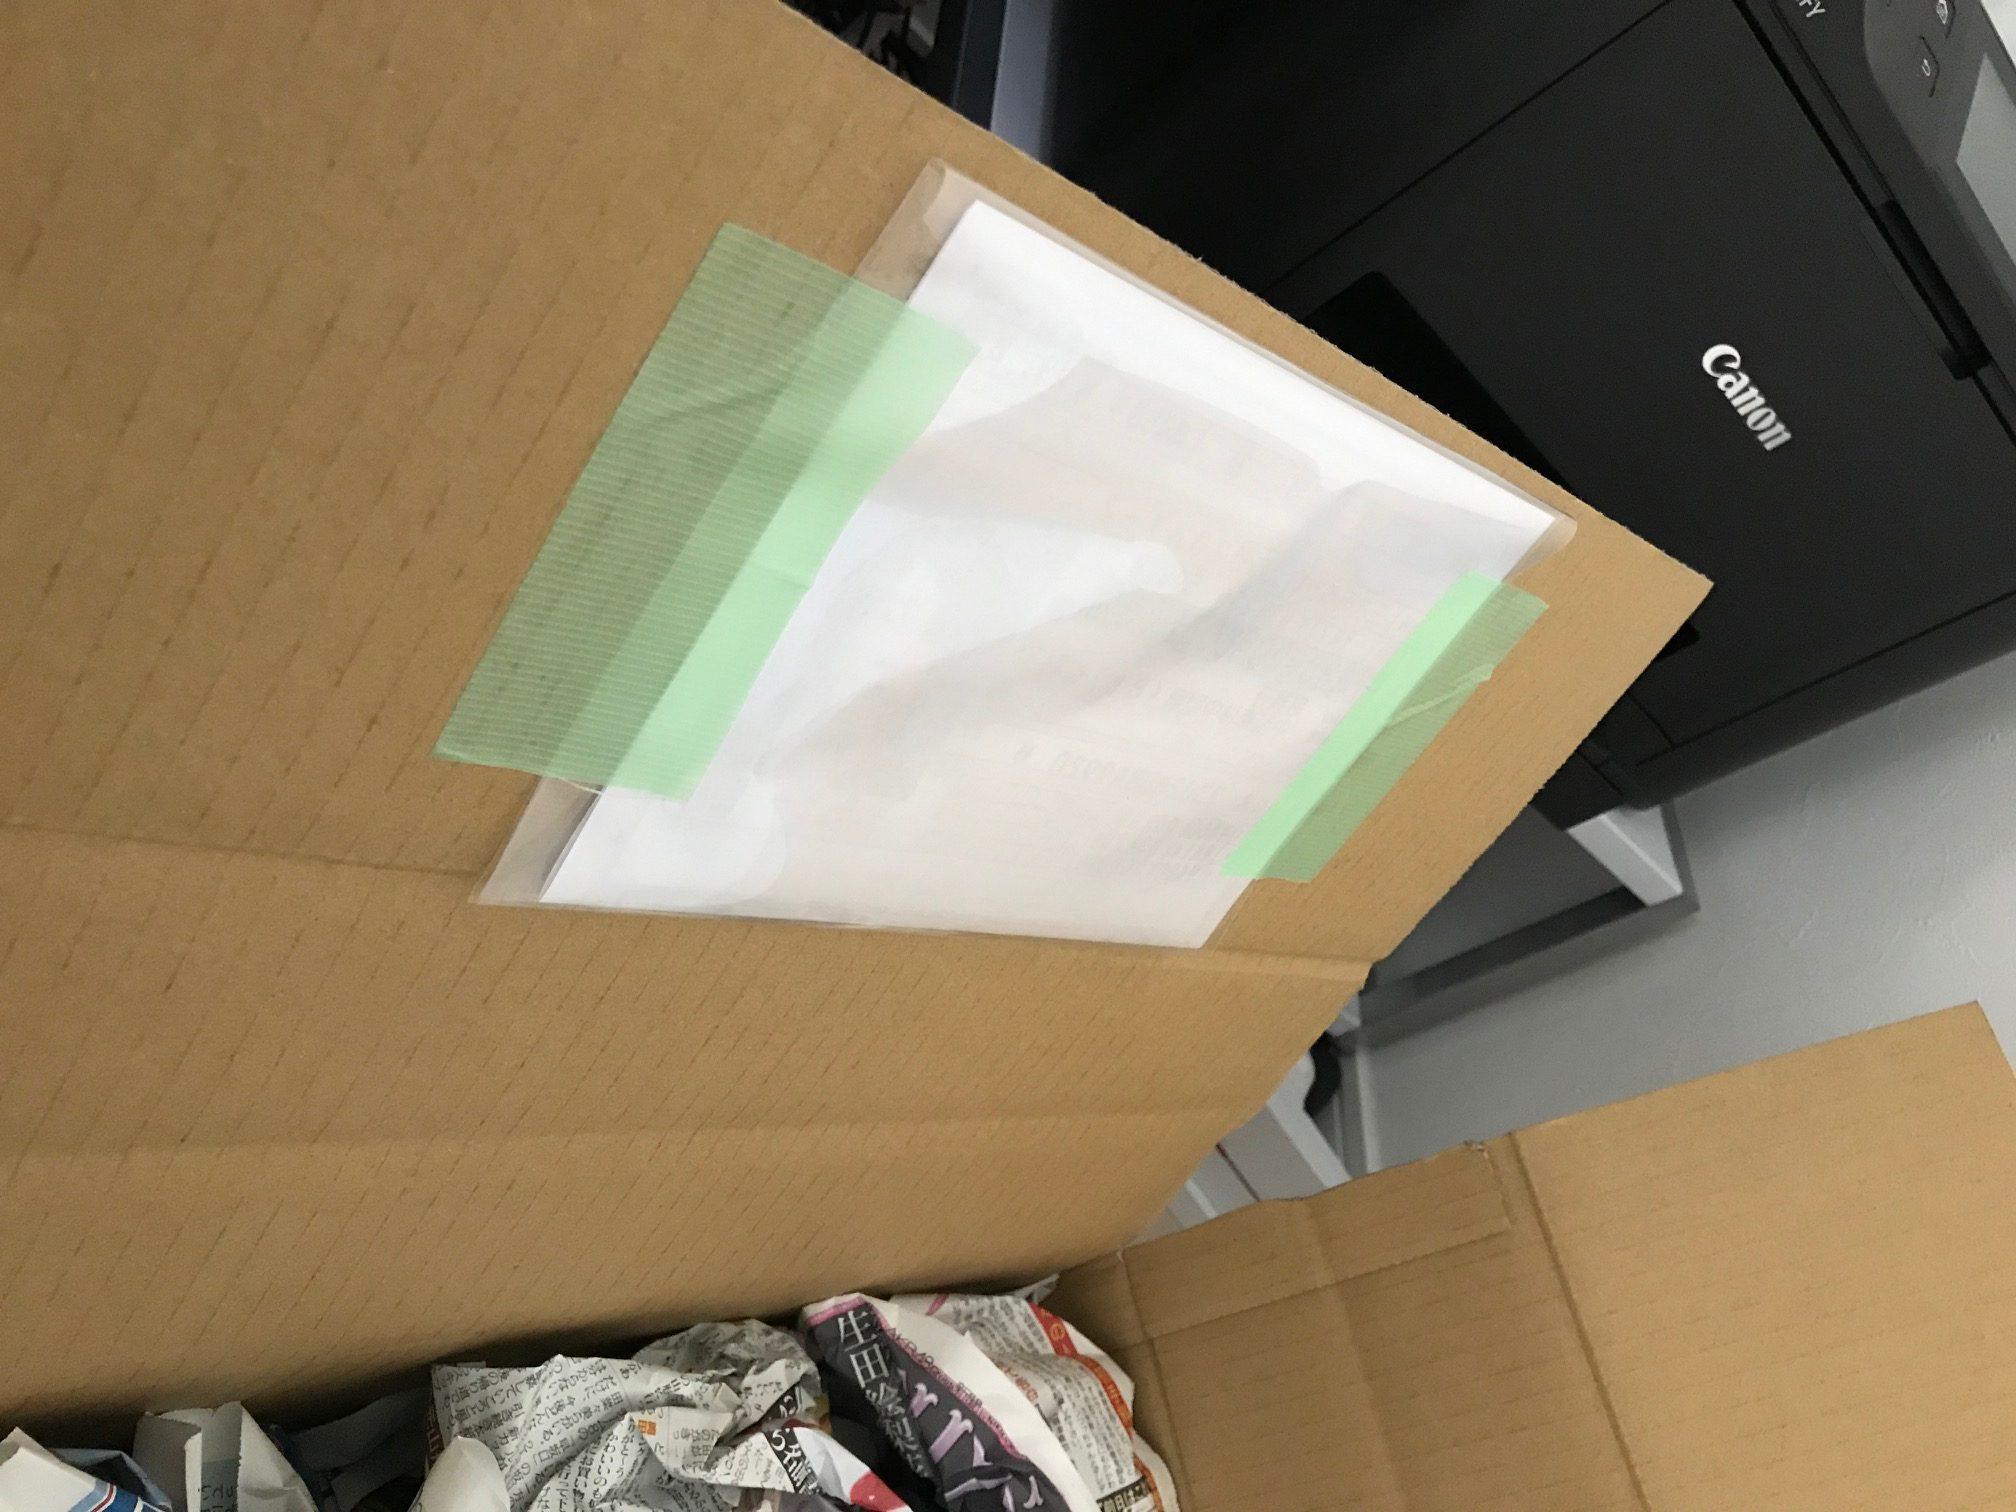 必要書類をOPP袋に入れて梱包した状態の写真